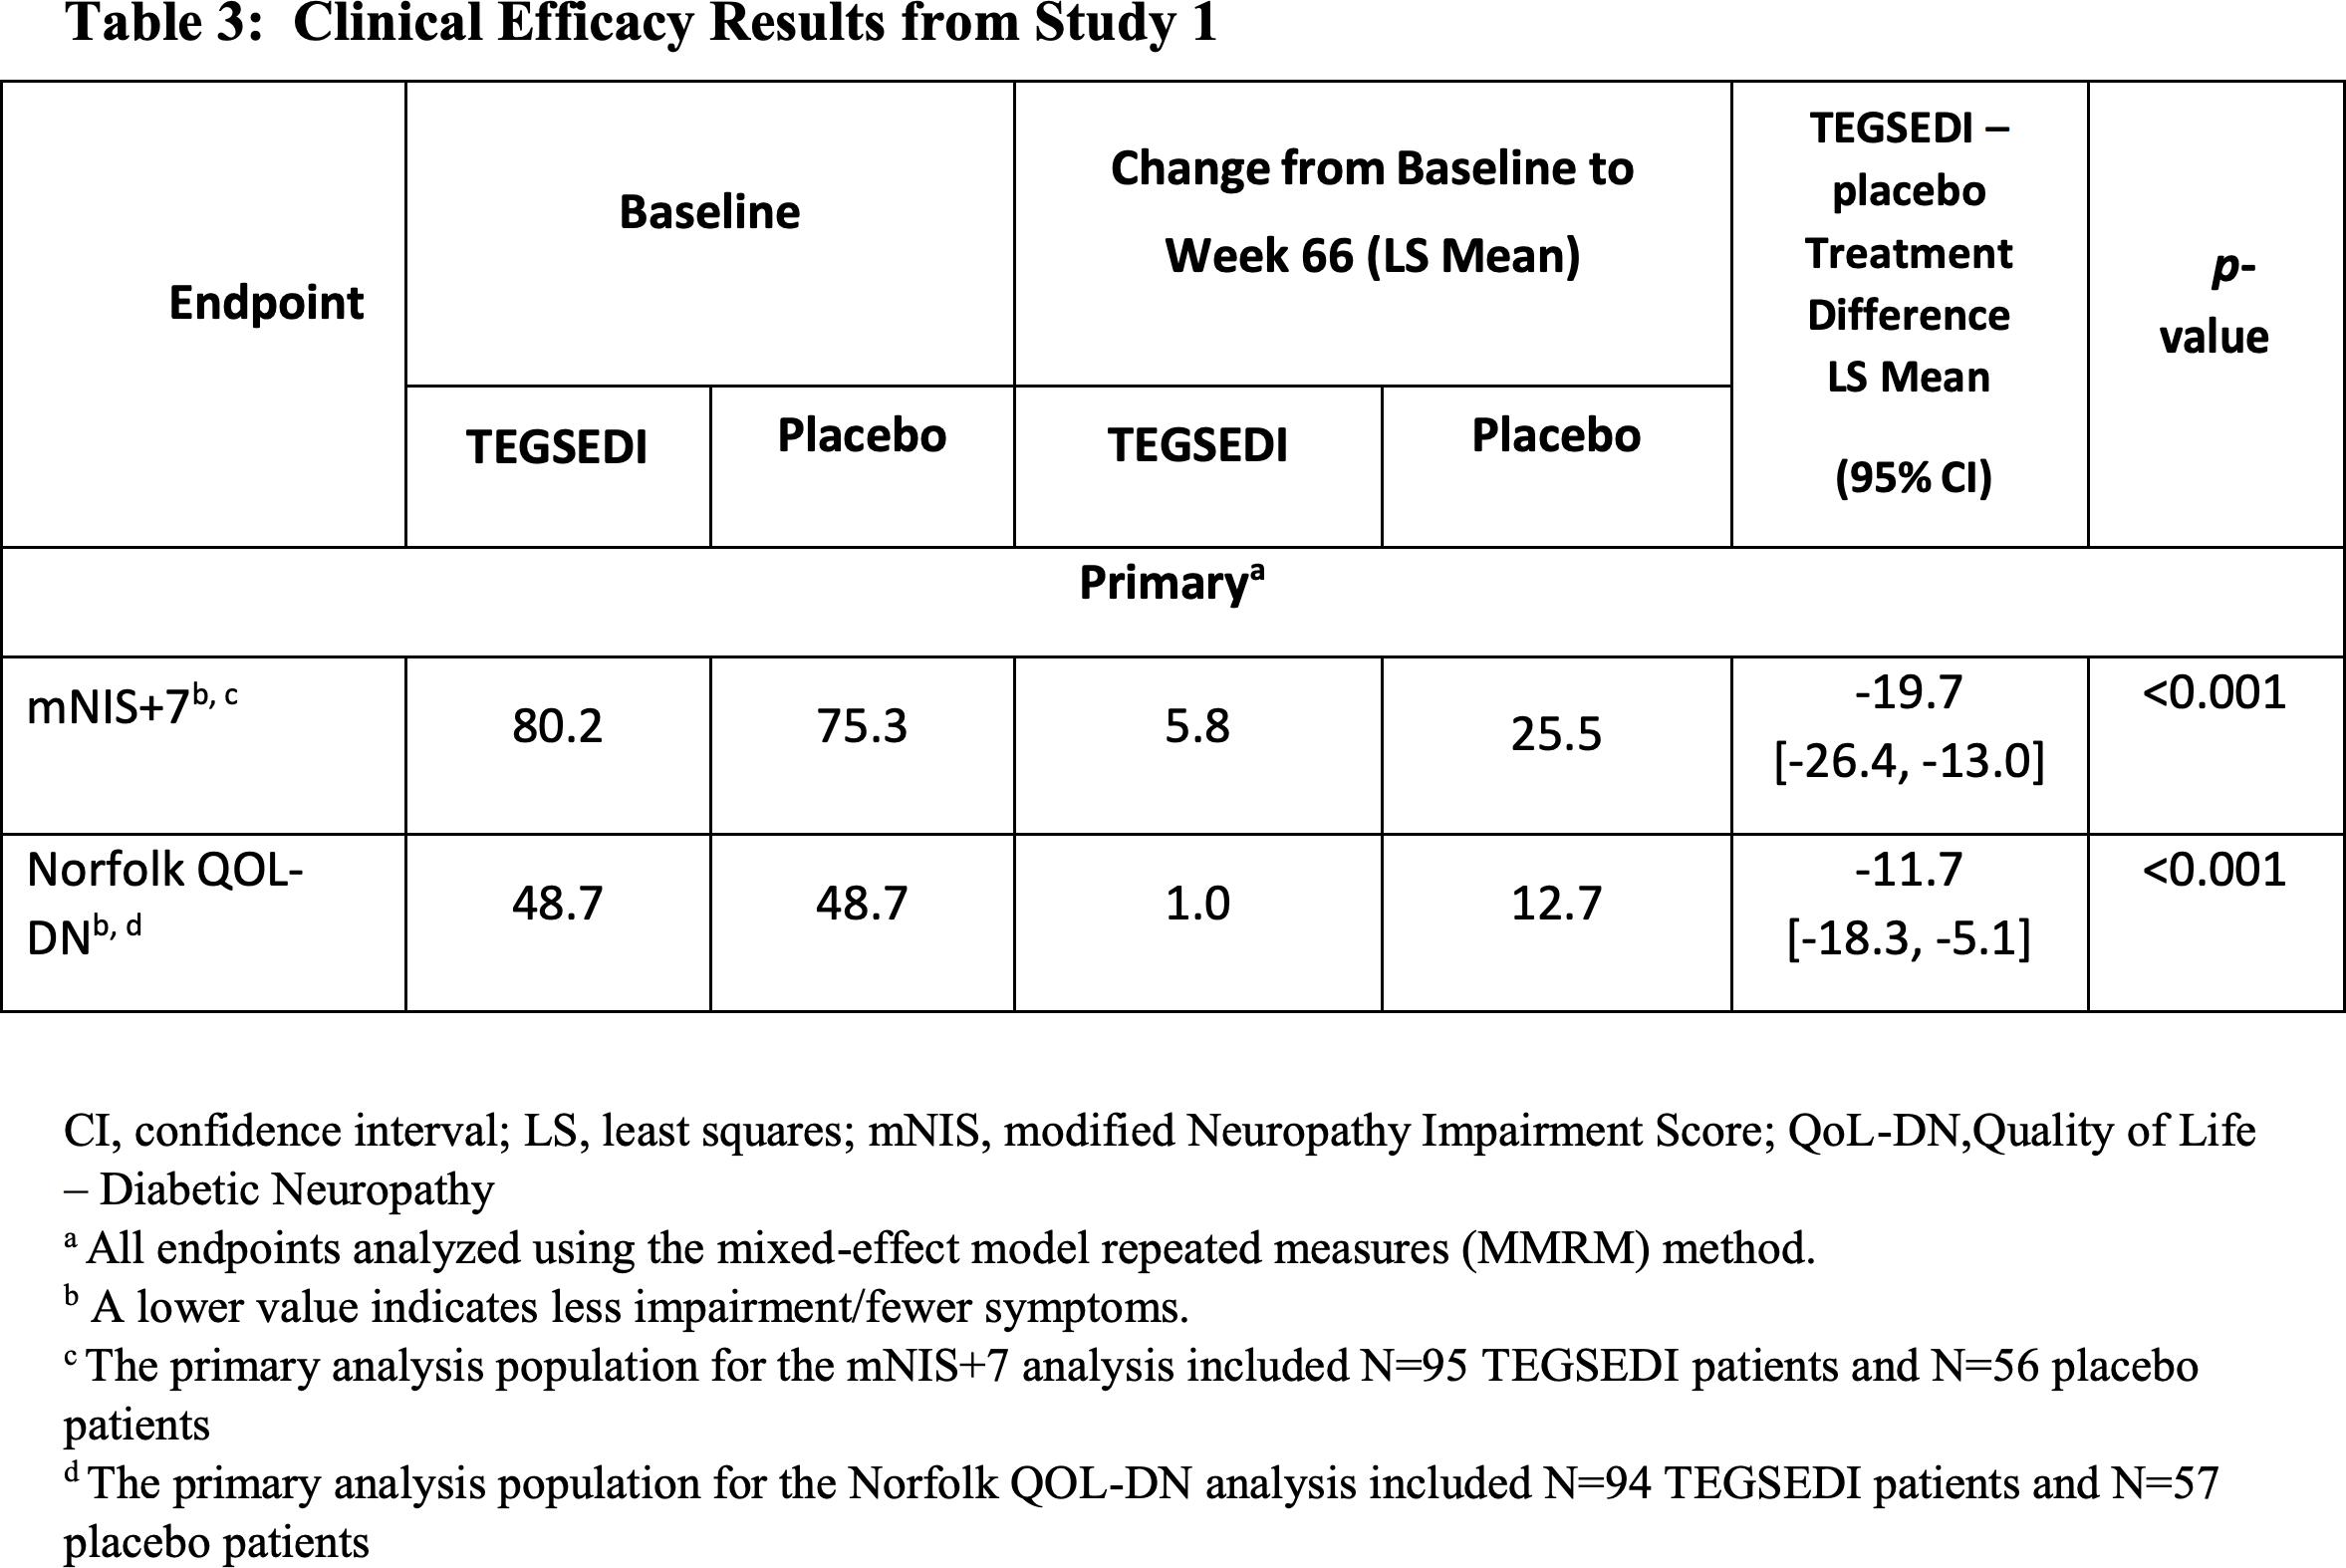 tegsedi clinical trials results 01 - «Тегседи»: олигонуклеотидное лекарство против семейной амилоидной полинейропатии